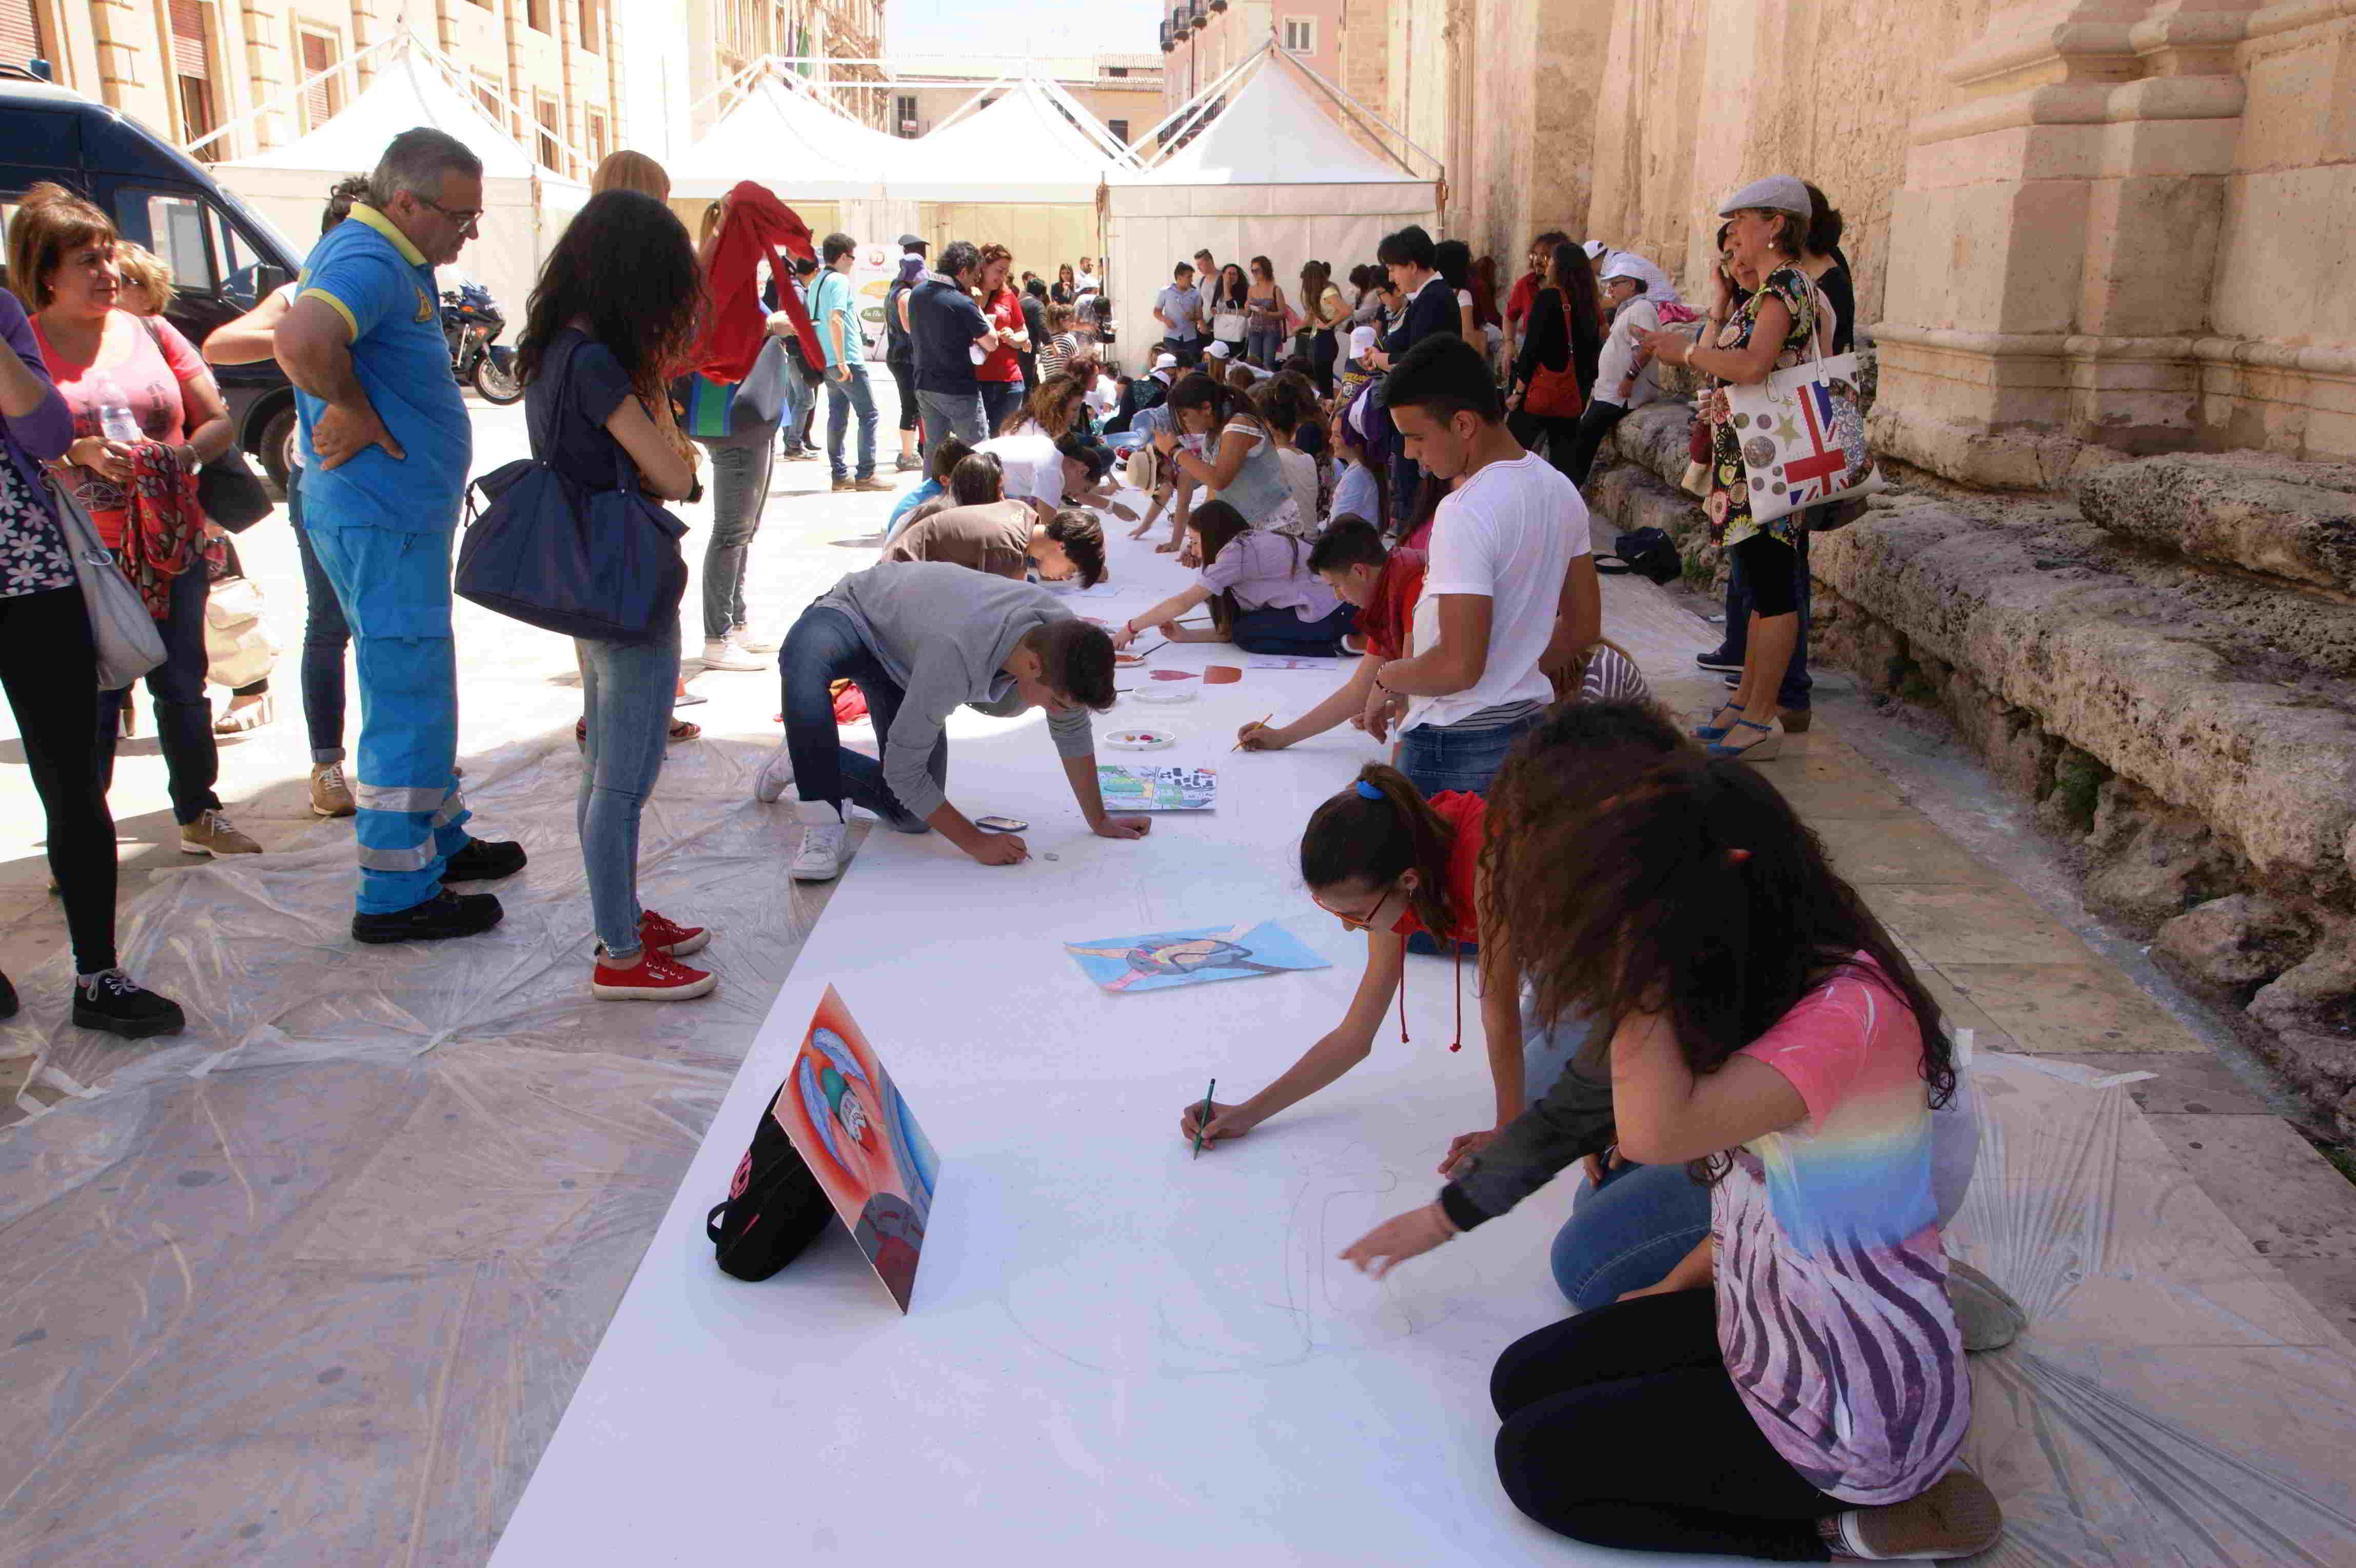 """Siracusa. """"Colora il tuo futuro"""", workshop in piazza Minerva per il via alla fase finale de """"Un casco vale una vita"""""""